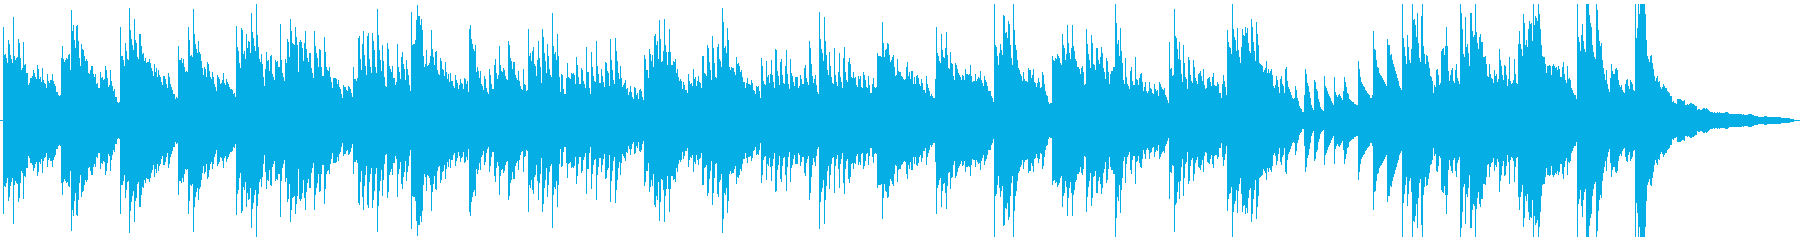 有名バッハチェロ曲をギターとピアノにの再生済みの波形